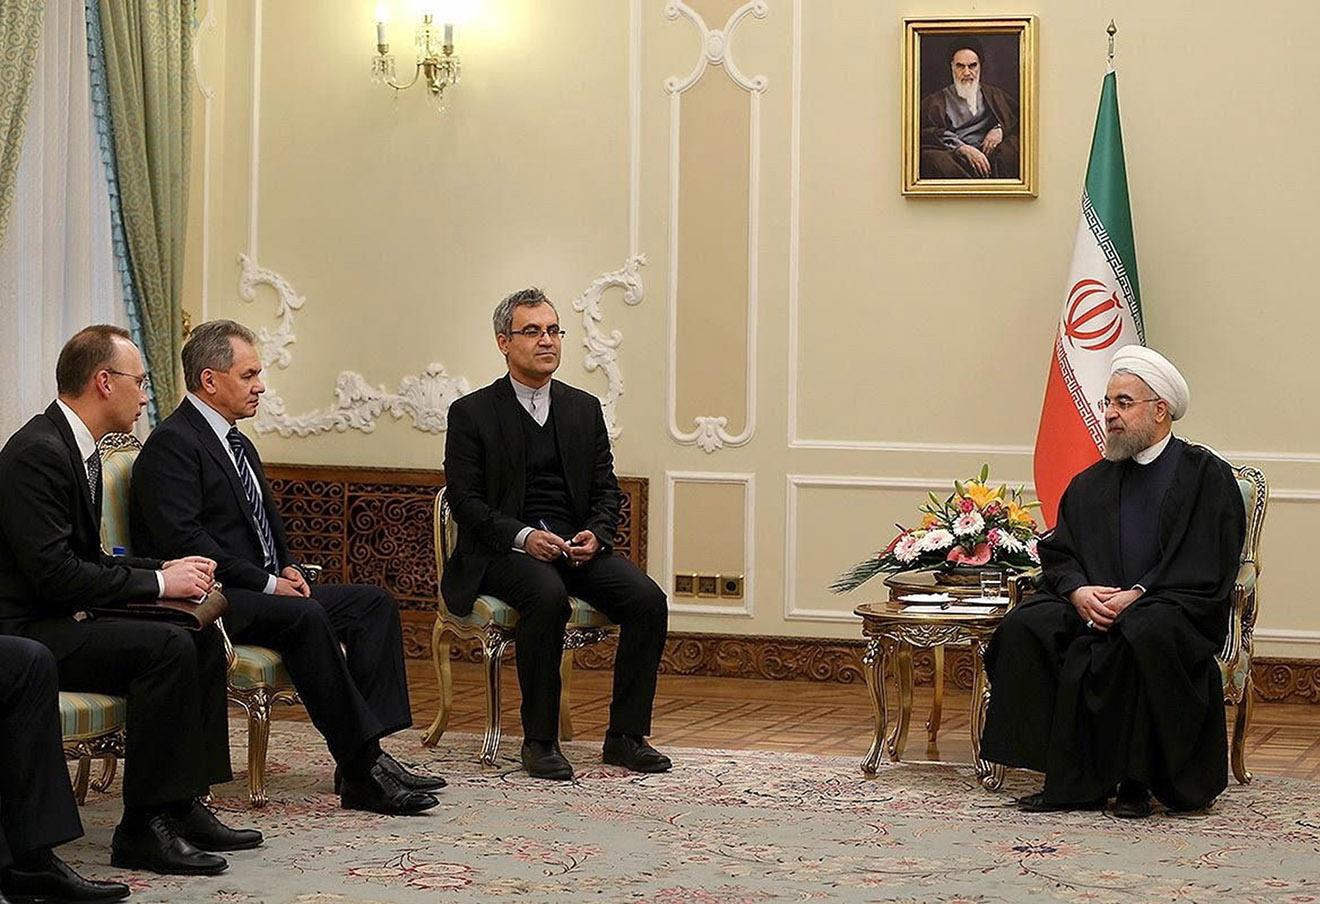 Сергей Шойгу (второй слева) и президент Ирана Хасан Роухани (справа) во время встречи в Тегеране, 21 февраля 2016 года.